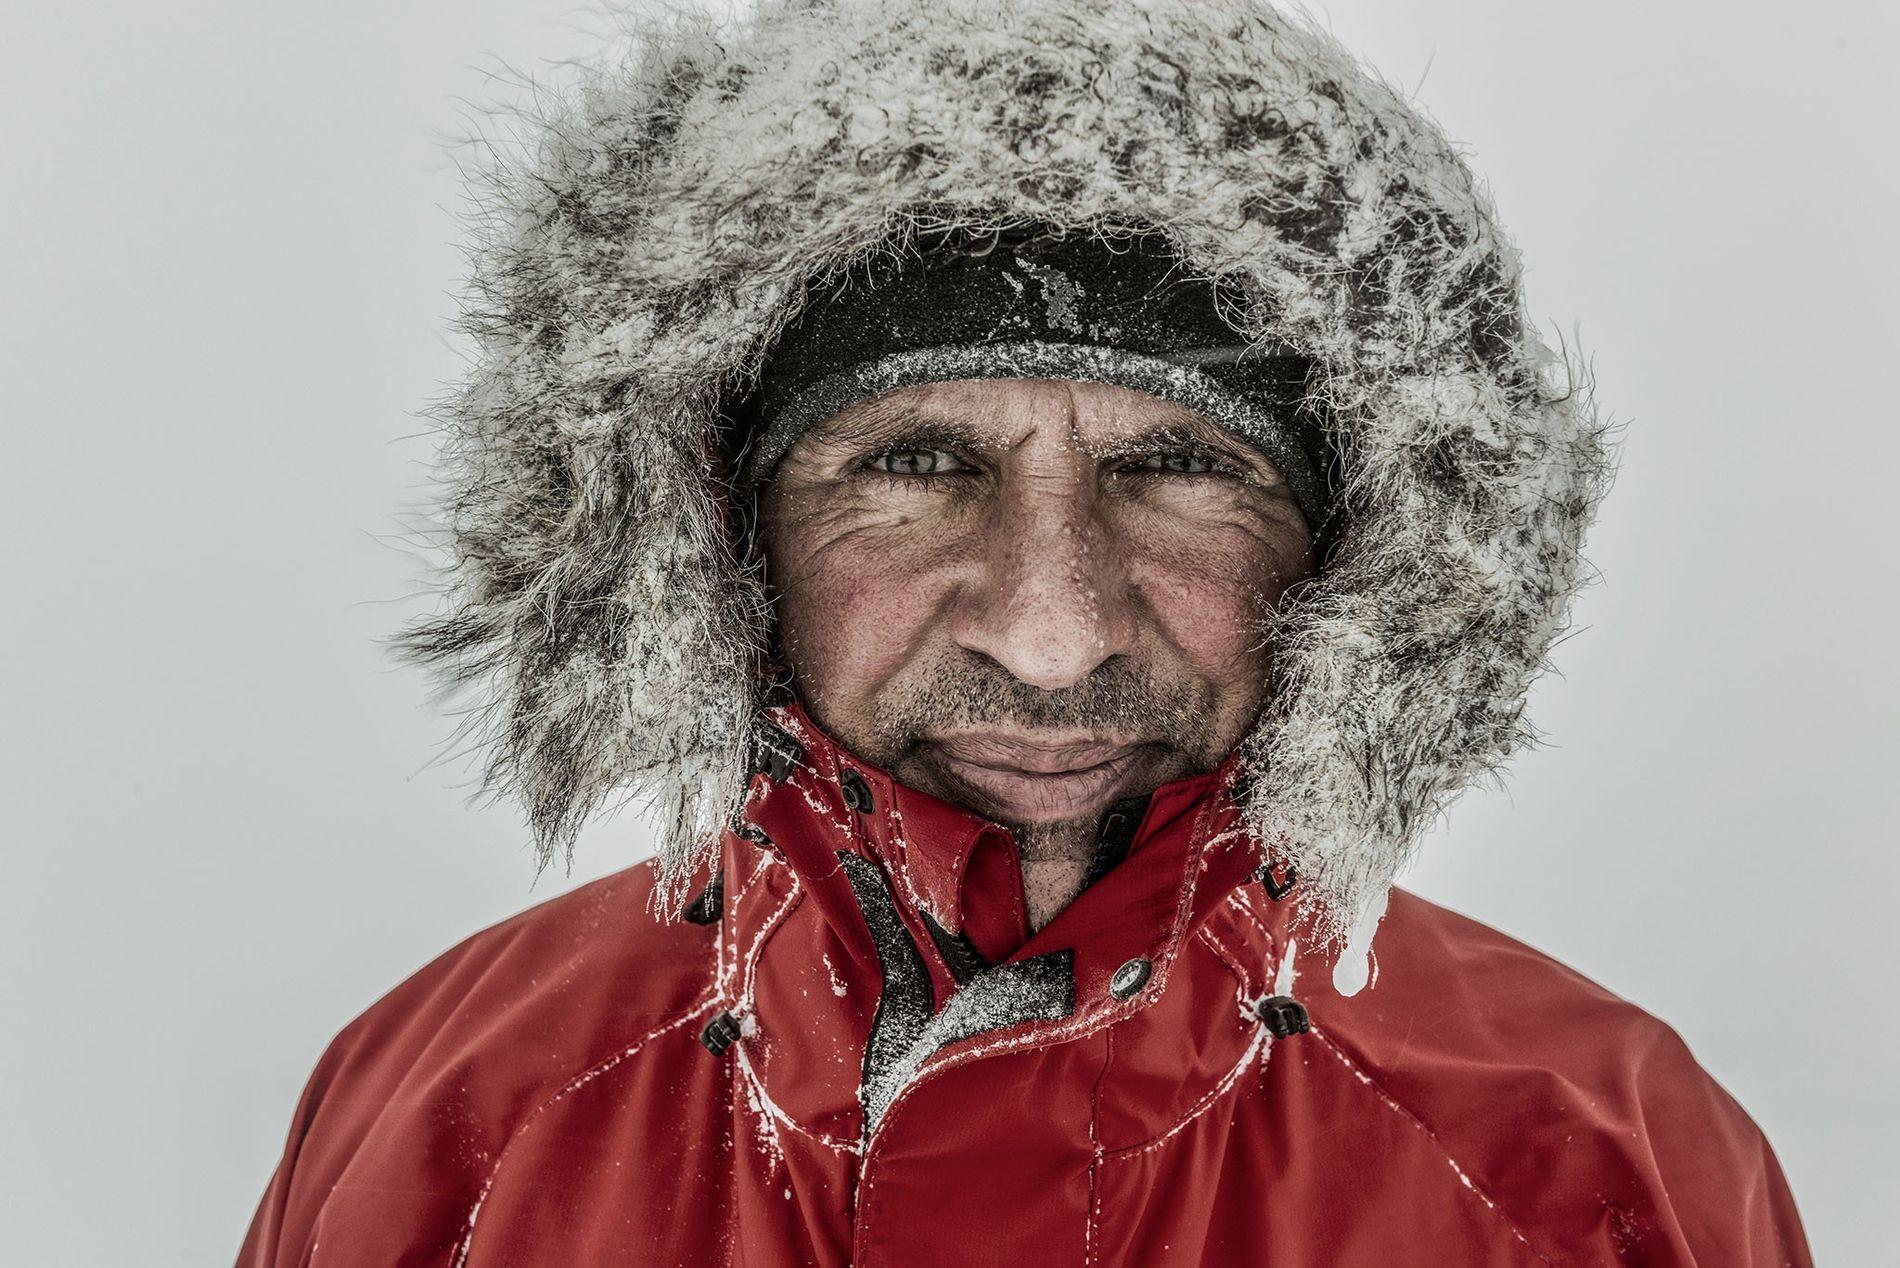 L'explorateur polaire Louis Rudd a terminé sa traversée solitaire et sans assistance de l'Antarctique deux jours ...